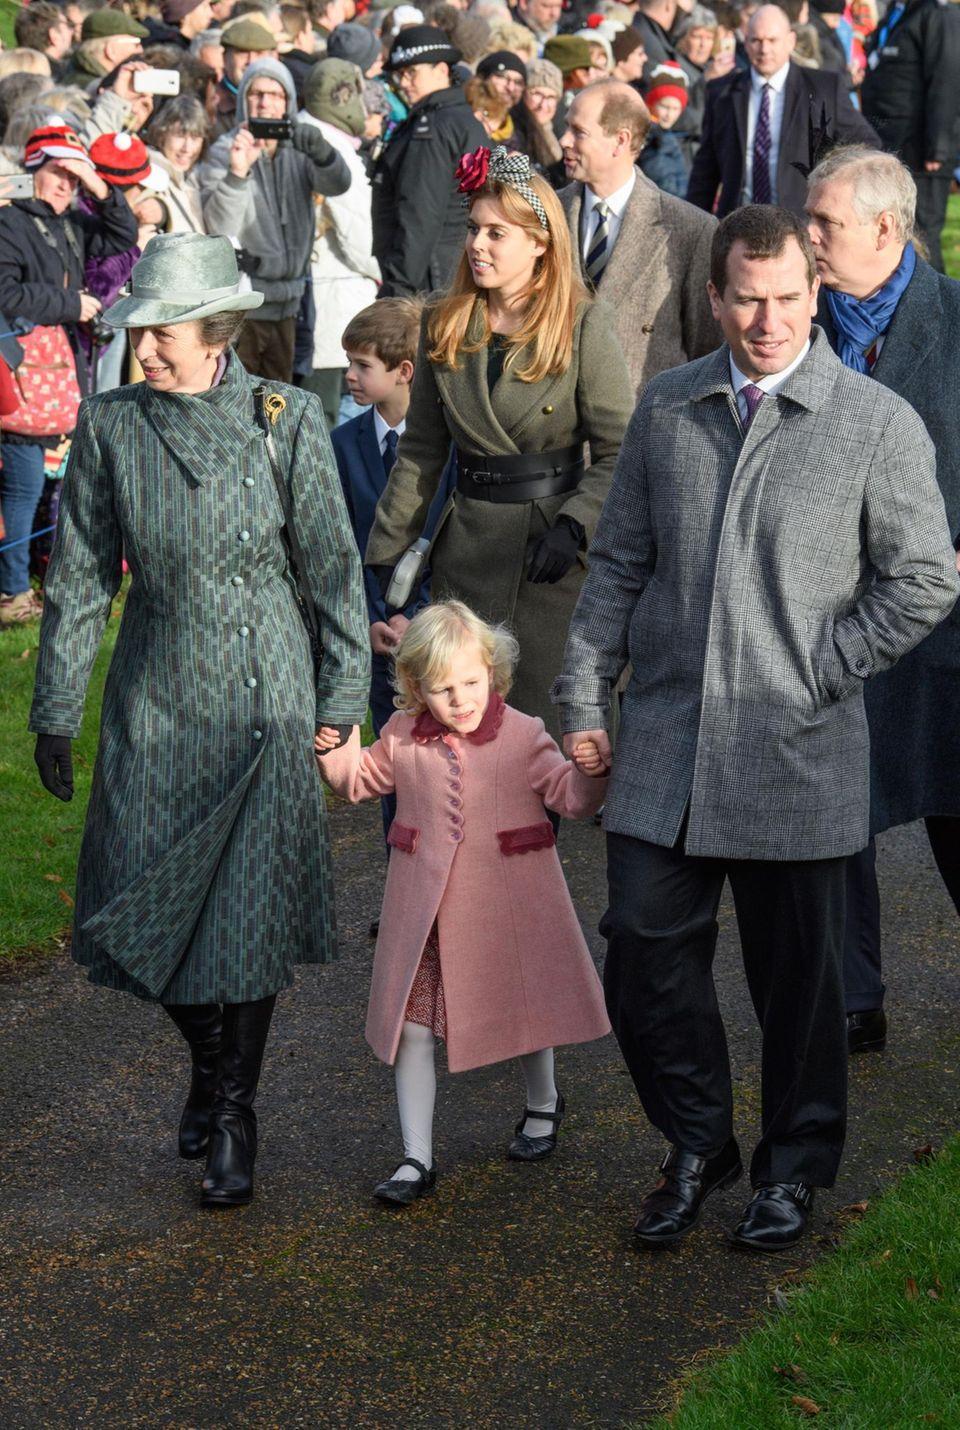 Prinzessin Anne und ihr Sohn Peter Phillips haben die kleine Isla an der Hand.